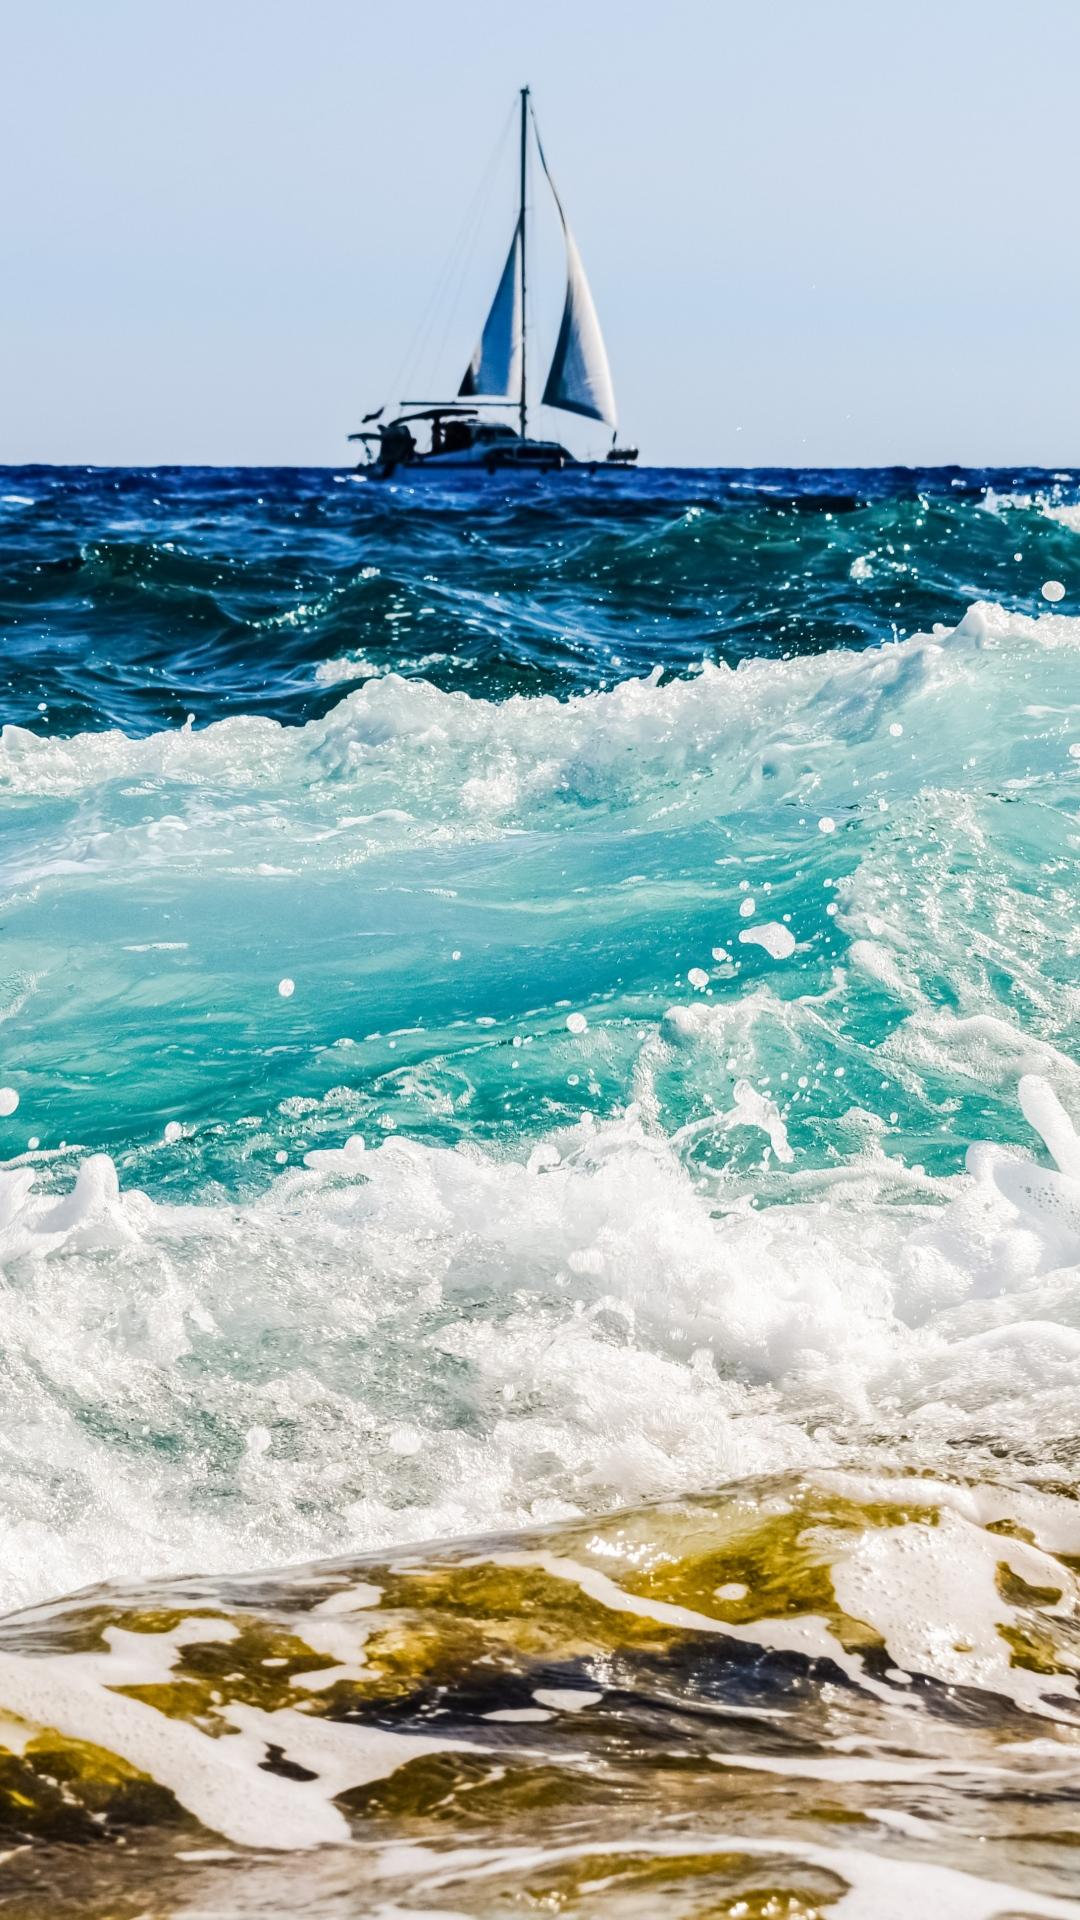 wallpaper iphone sea boat surf foam 3Wallpapers : notre sélection de fonds décran iPhone du 16/08/2017